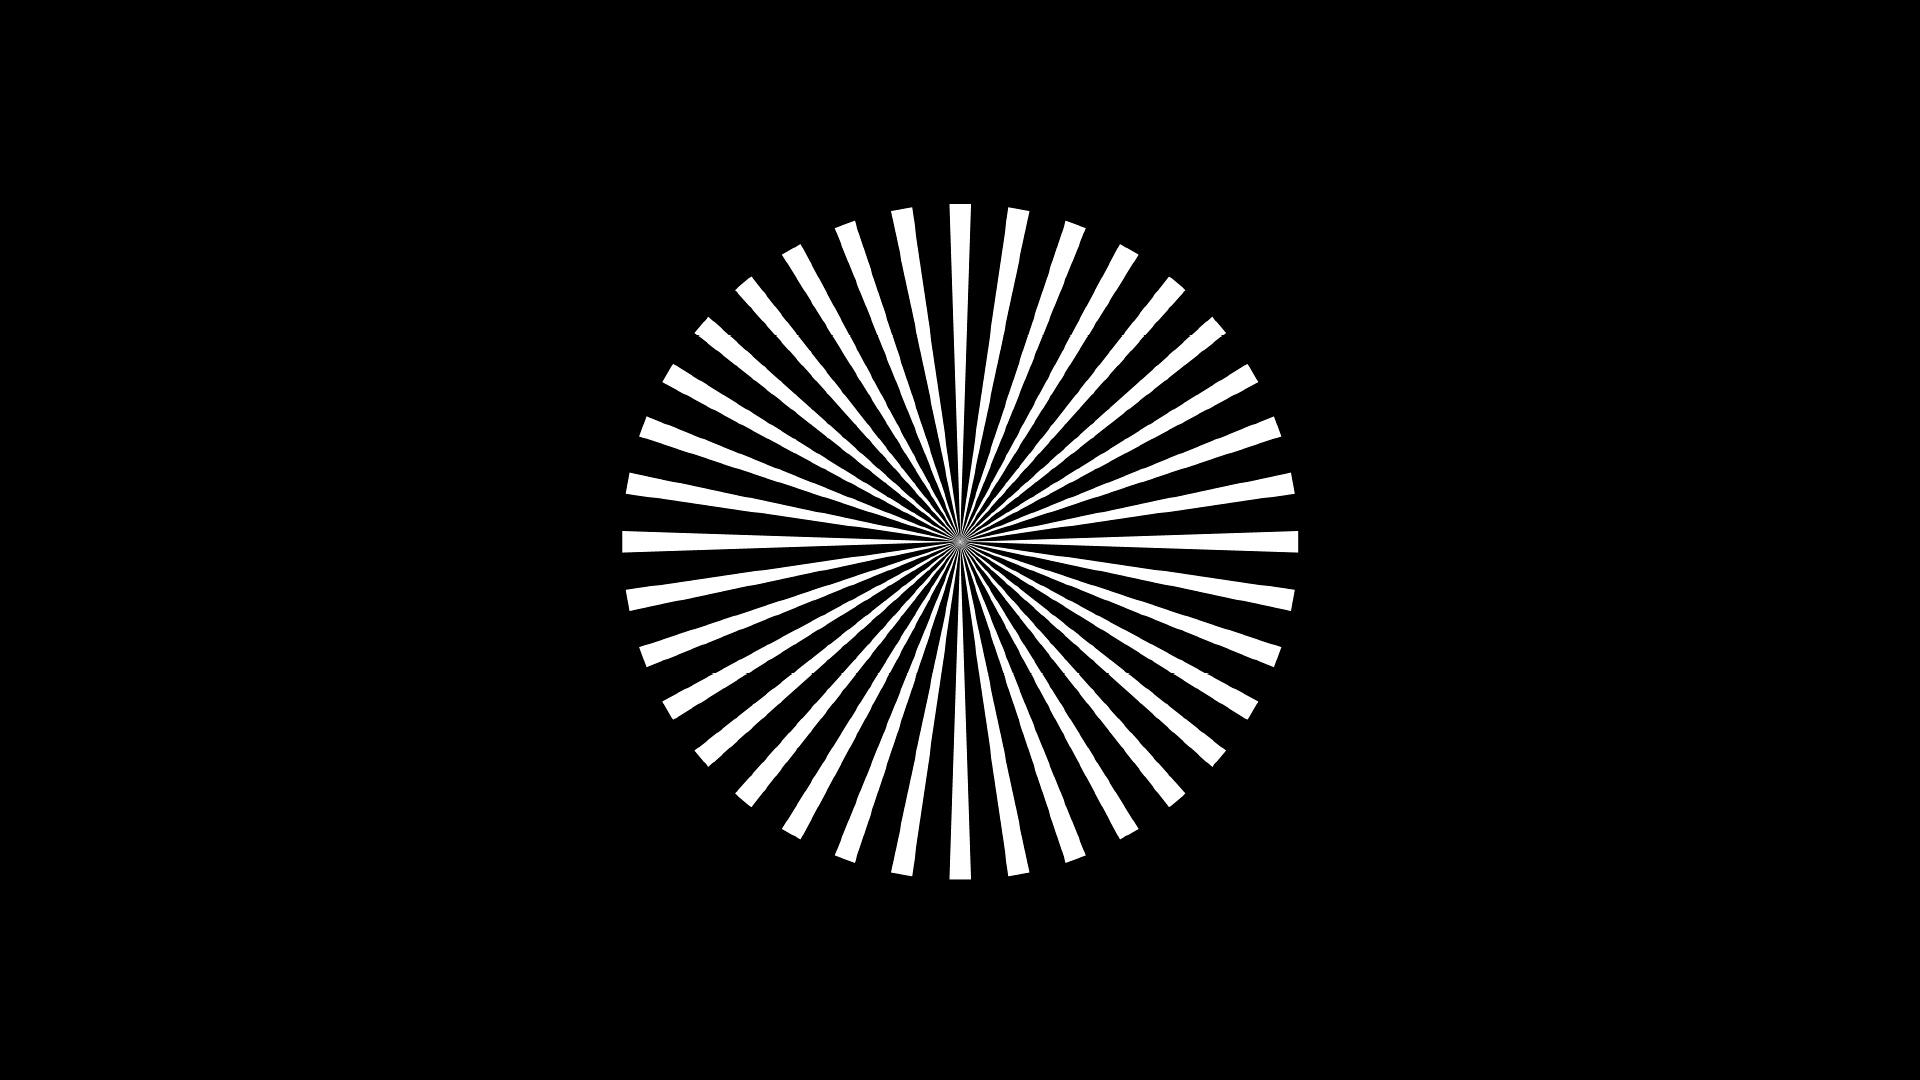 CIRCLE_SPLASH